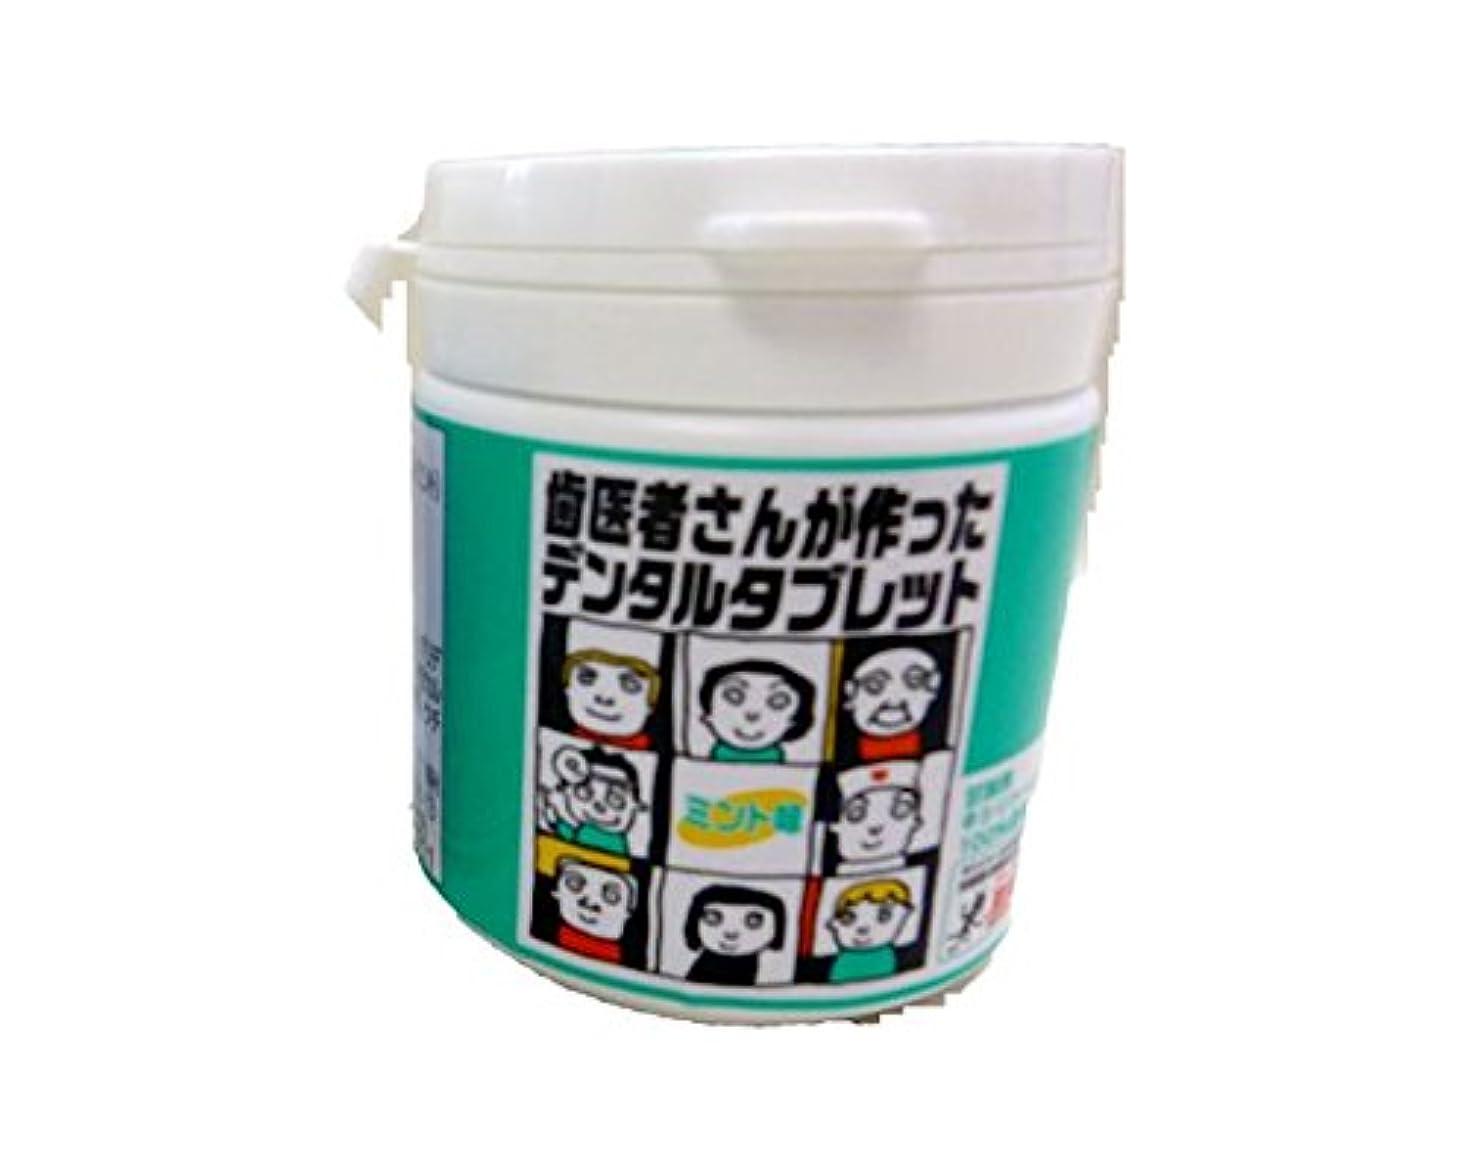 本気害虫知覚できる歯医者さんが作ったデンタルタブレット ボトルタイプ 60g (ミント)